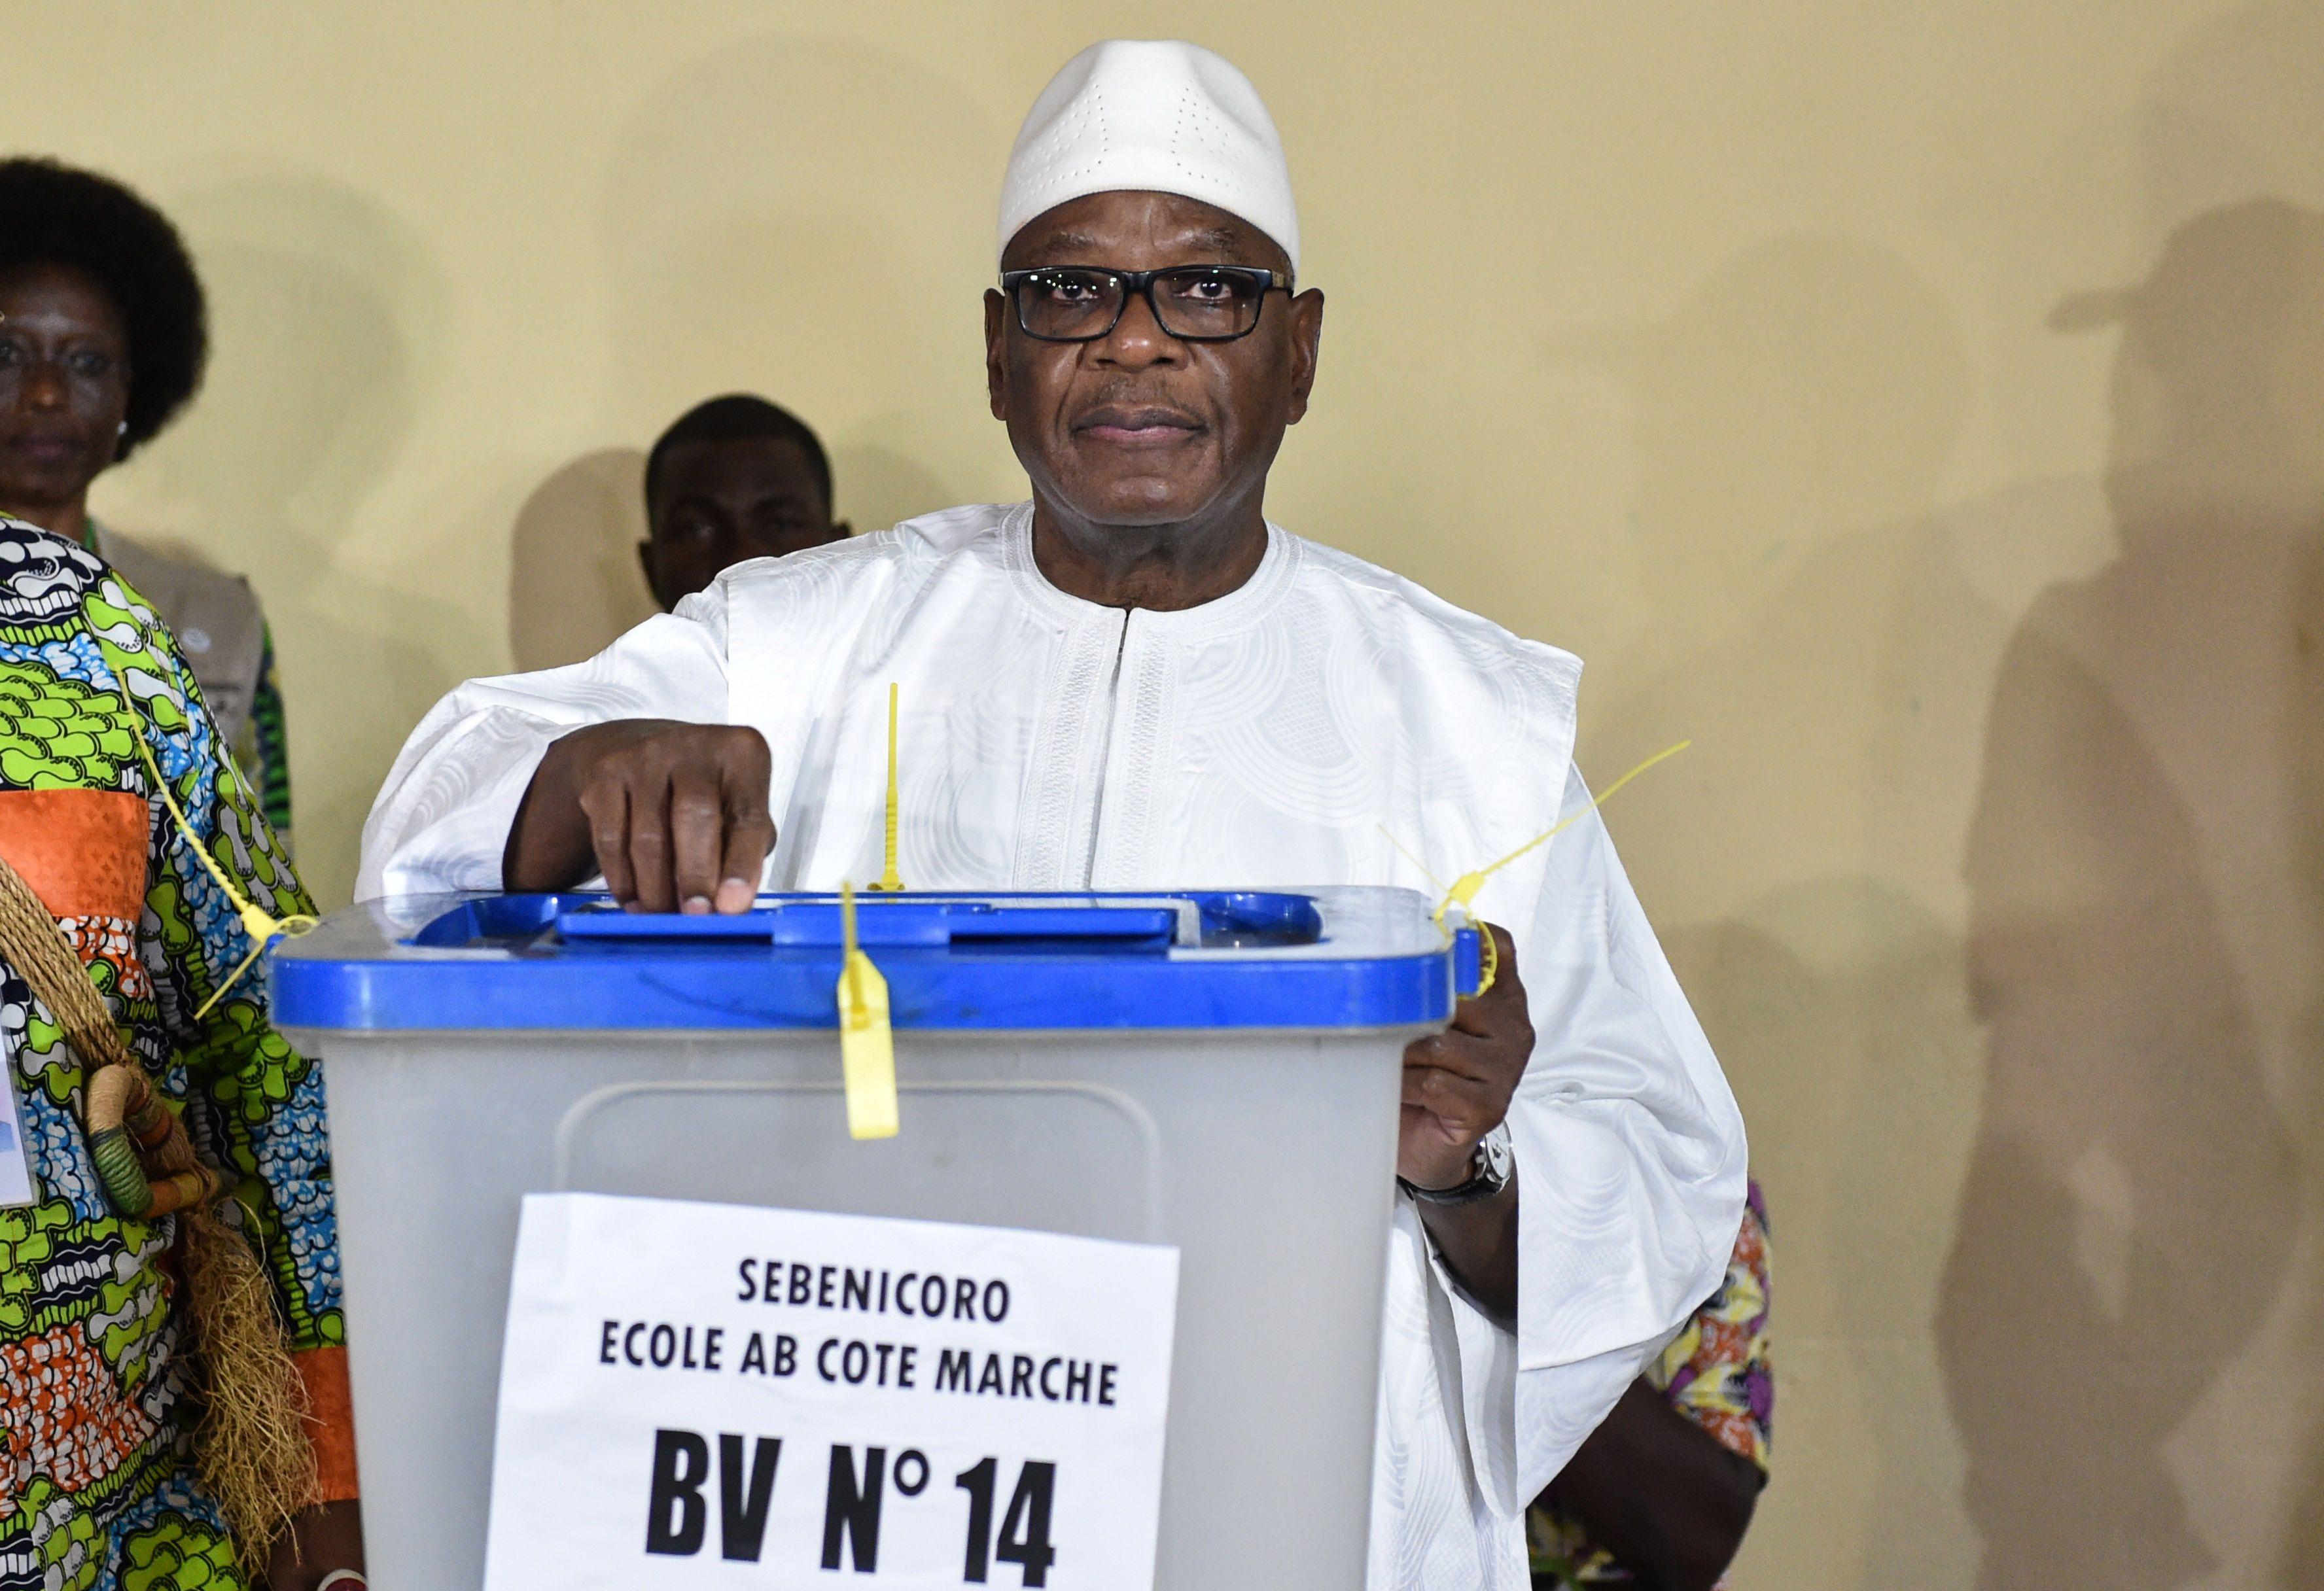 رئيس مالى يدلى بصوته فى الانتخابات